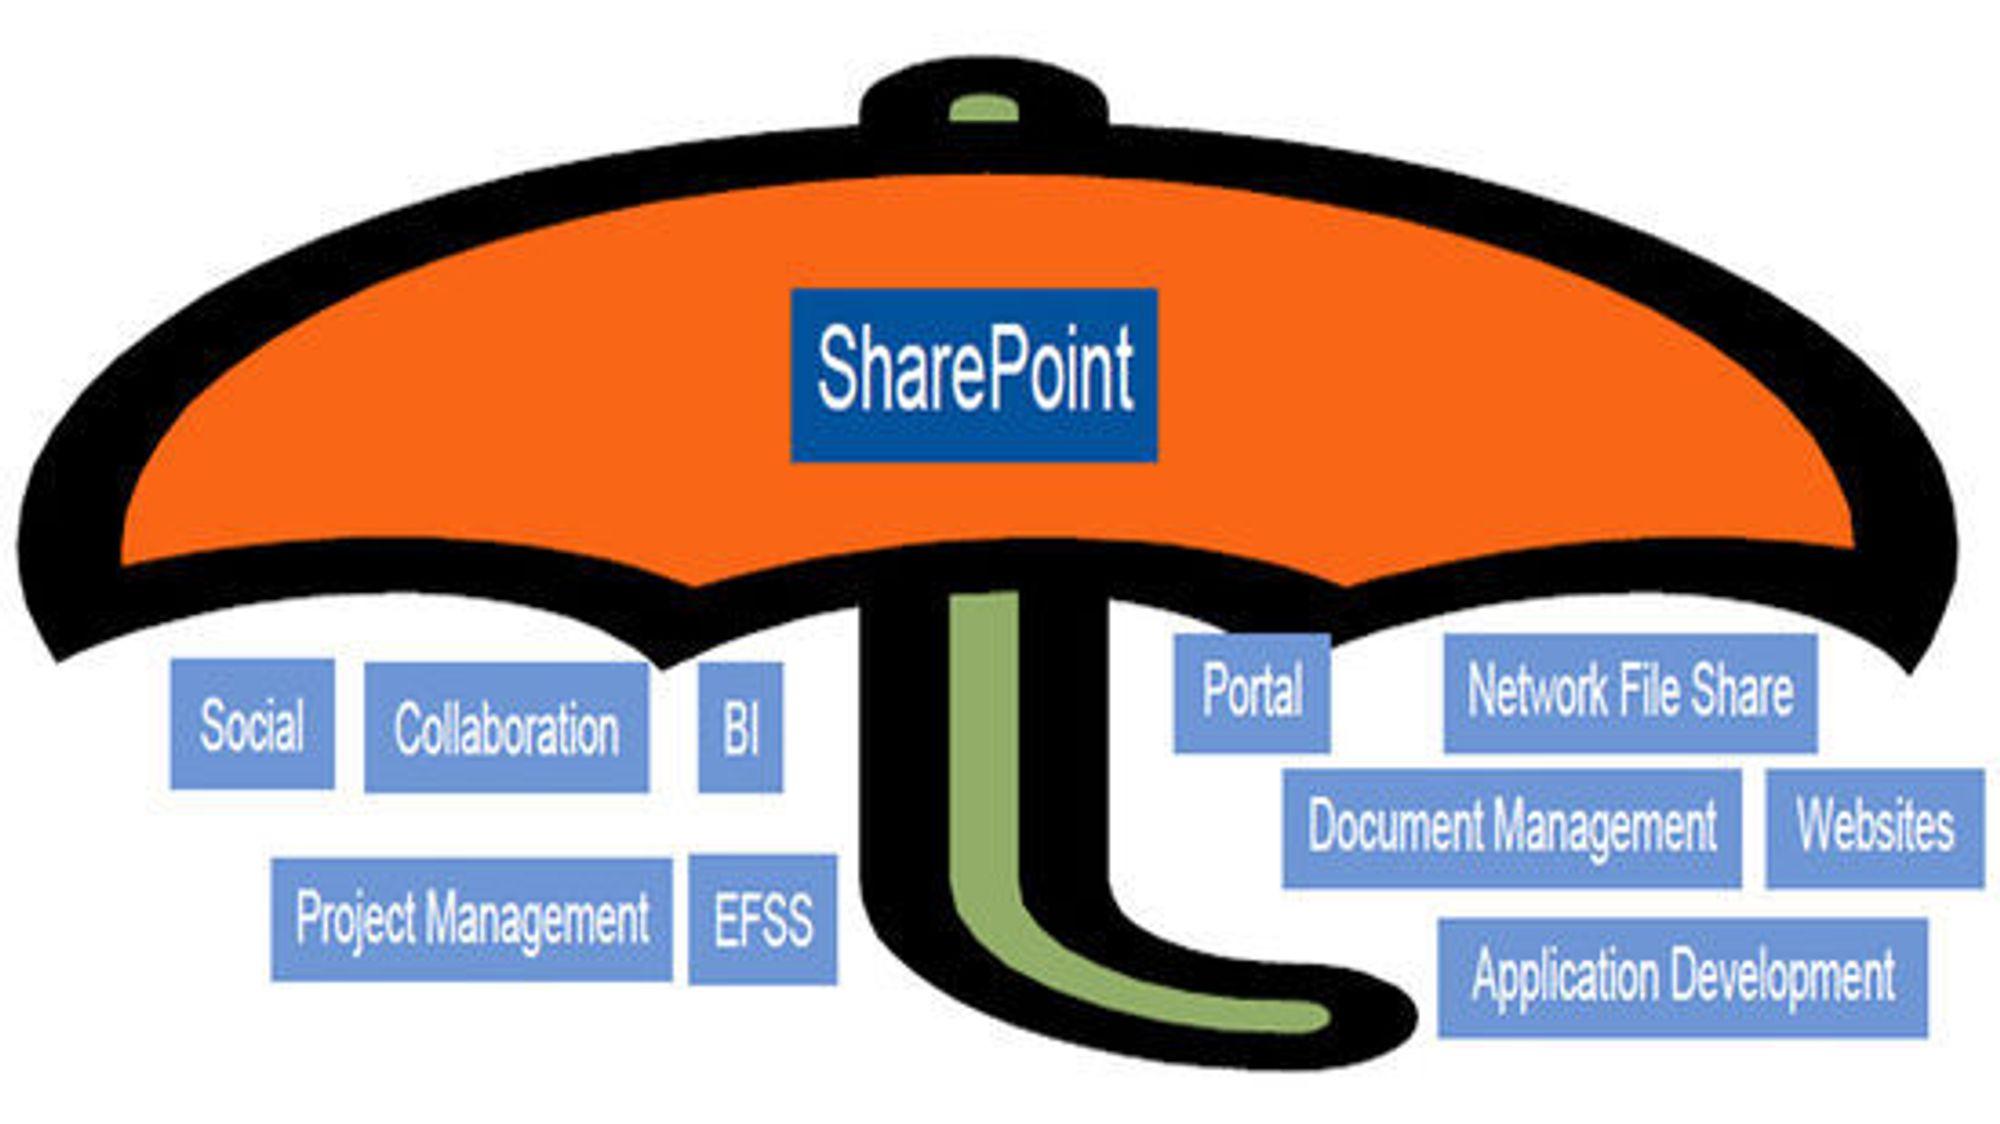 Sharepoint er en paraply for mange tjenester. (EFSS står for Enterprise File Synchronization and Sharing; BI er Business Intelligence.)